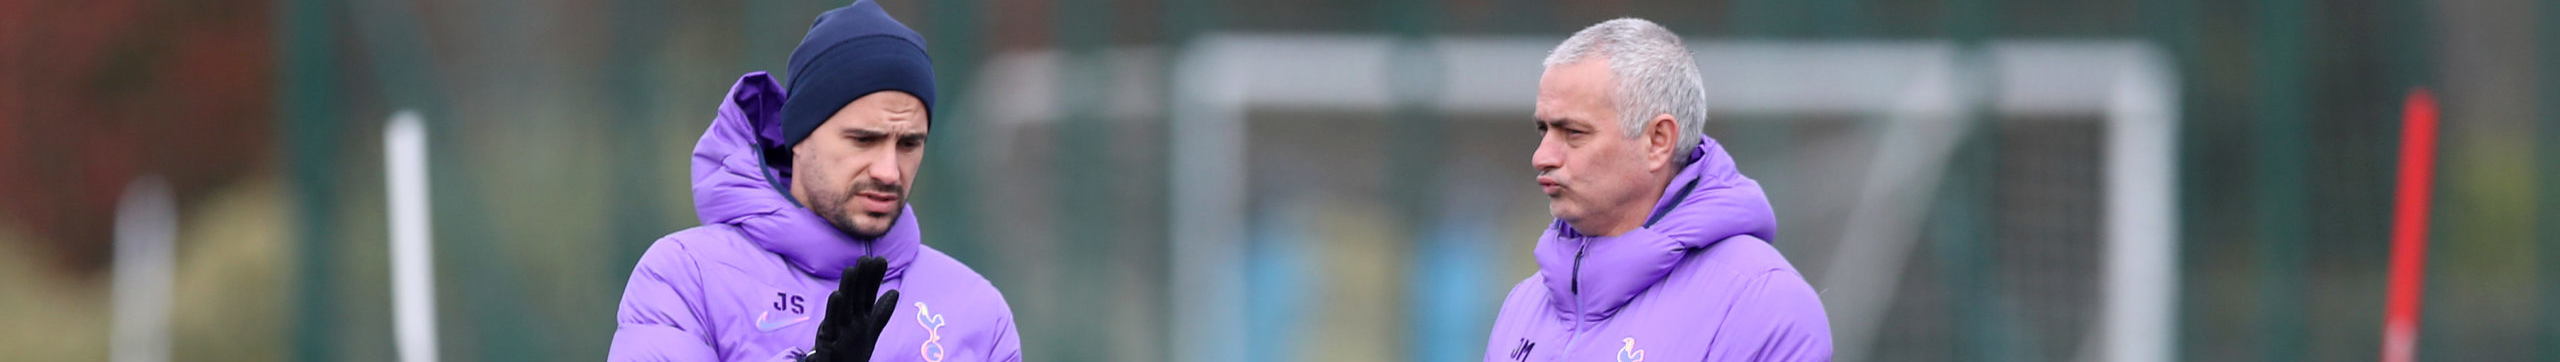 Lipsia-Tottenham: i sassoni vogliono continuare a fare la storia, Mourinho non ci sta